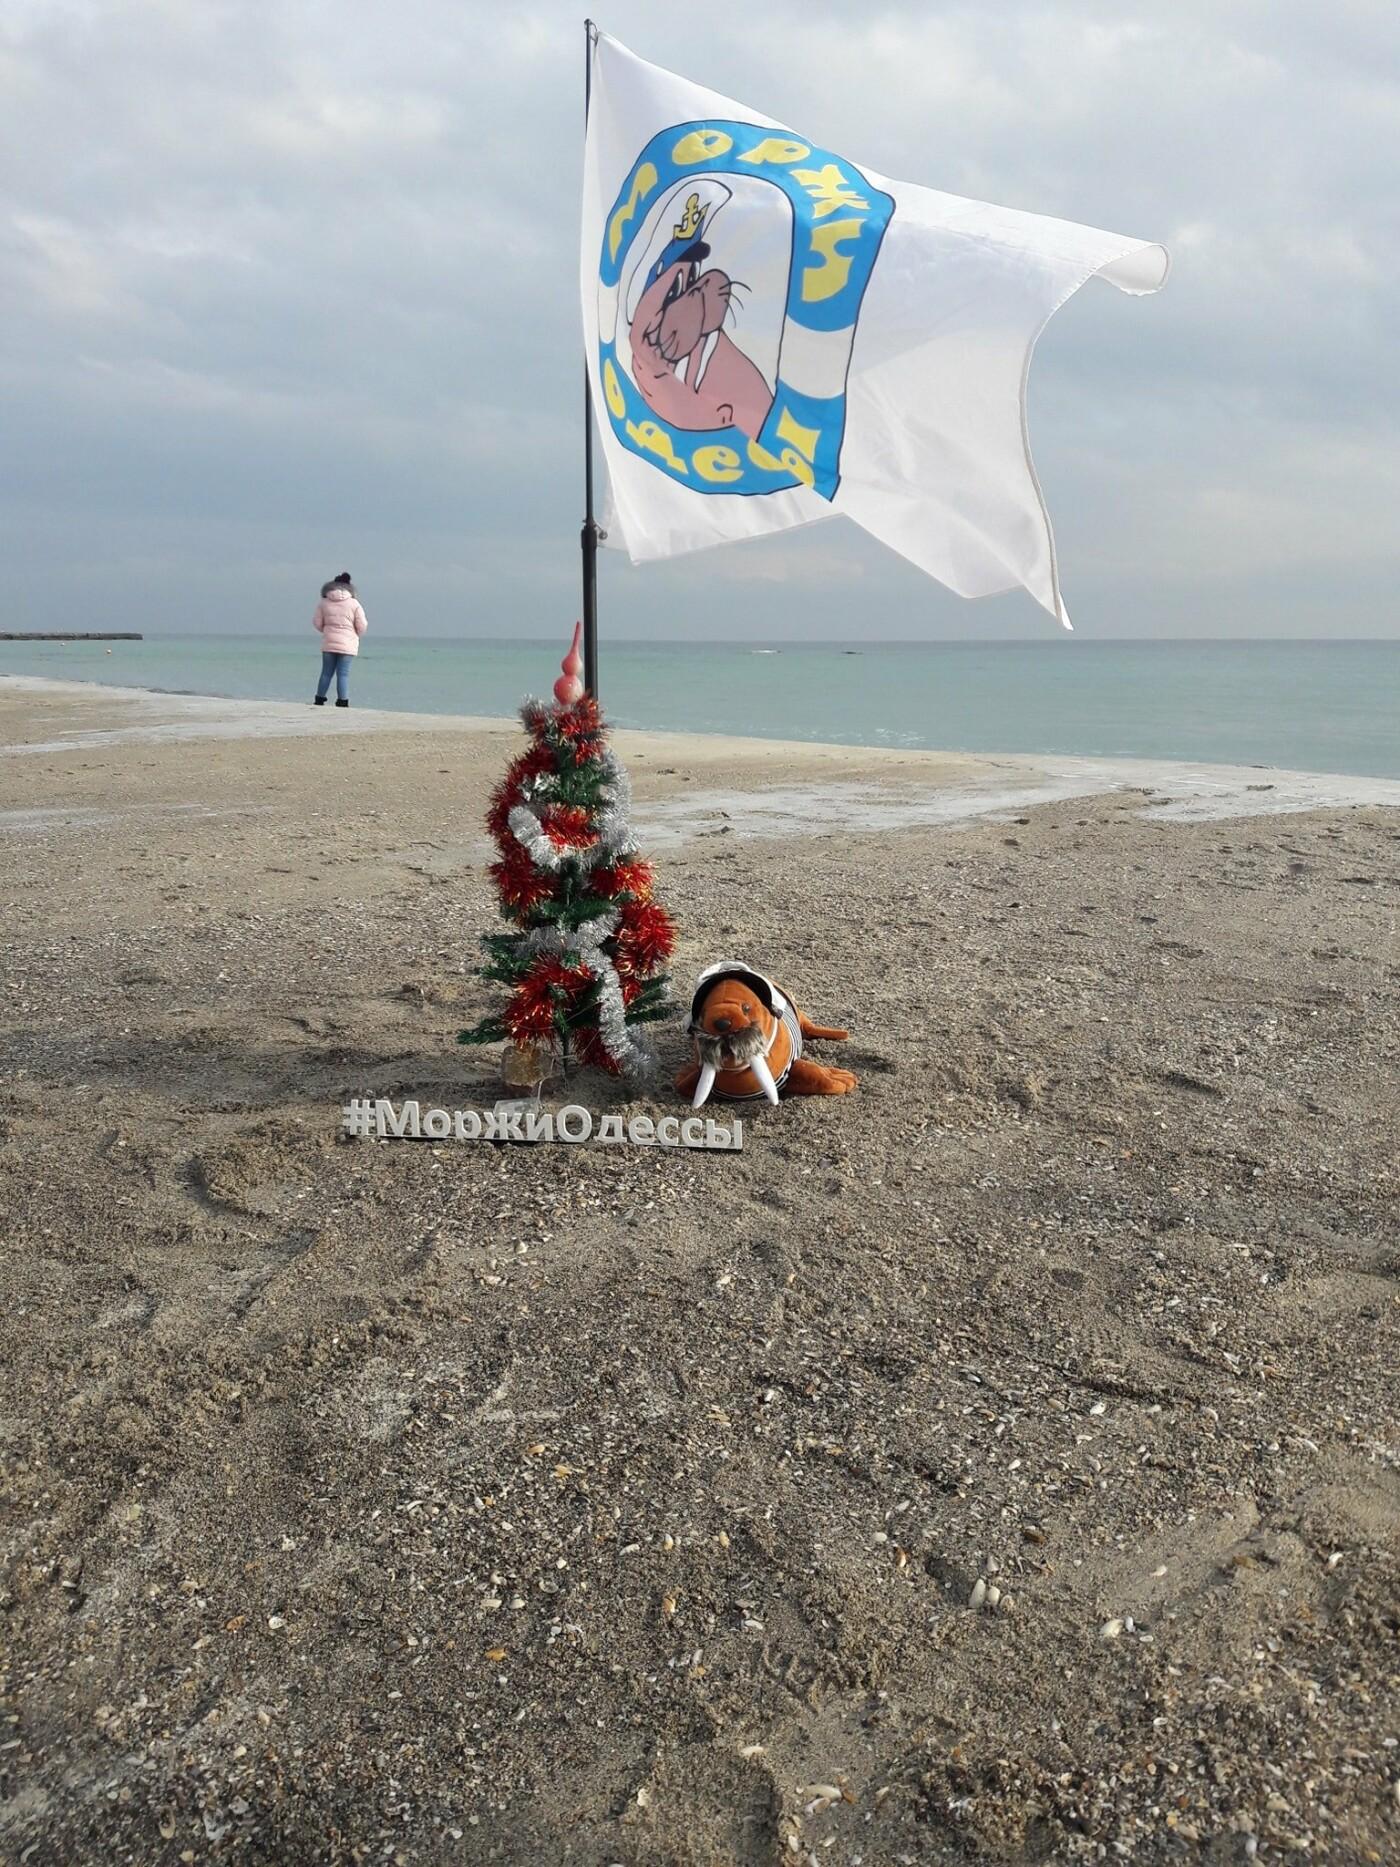 Одесситы отметили Рождество купанием в море, - ФОТО, фото-6